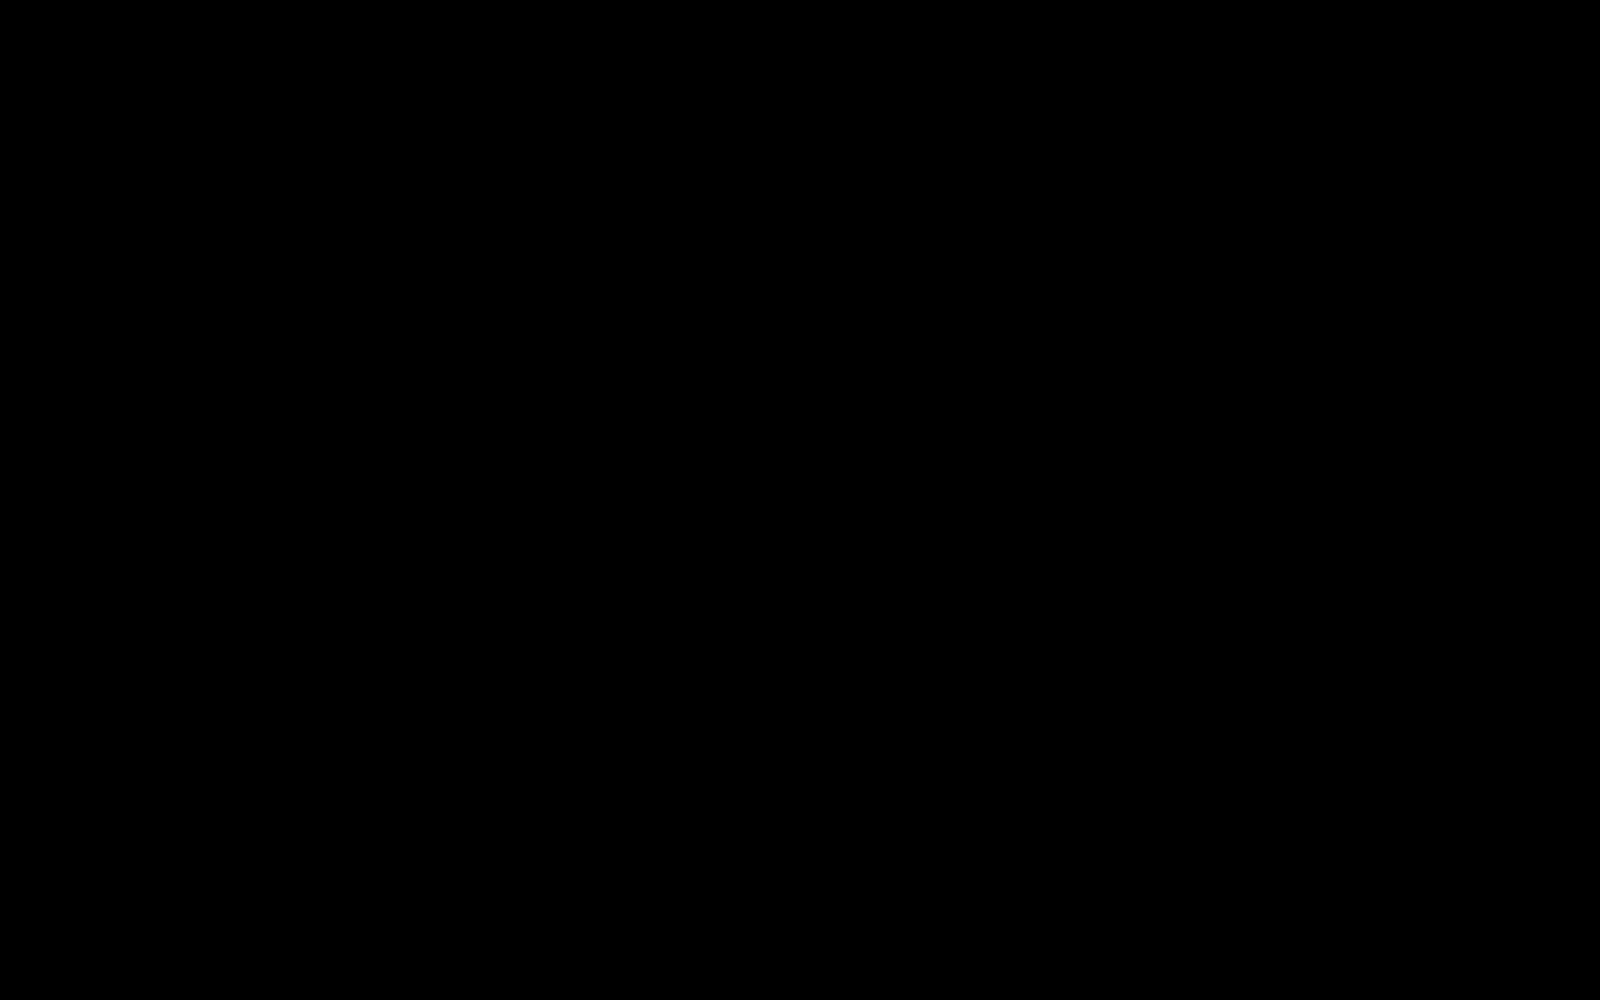 Maison People_marque éco-responsable - manteau d'hiver long classe beige ceinture à la taille poches sur les côtés - tissu laine upcycling marque haute gamme porté par Juliana mann